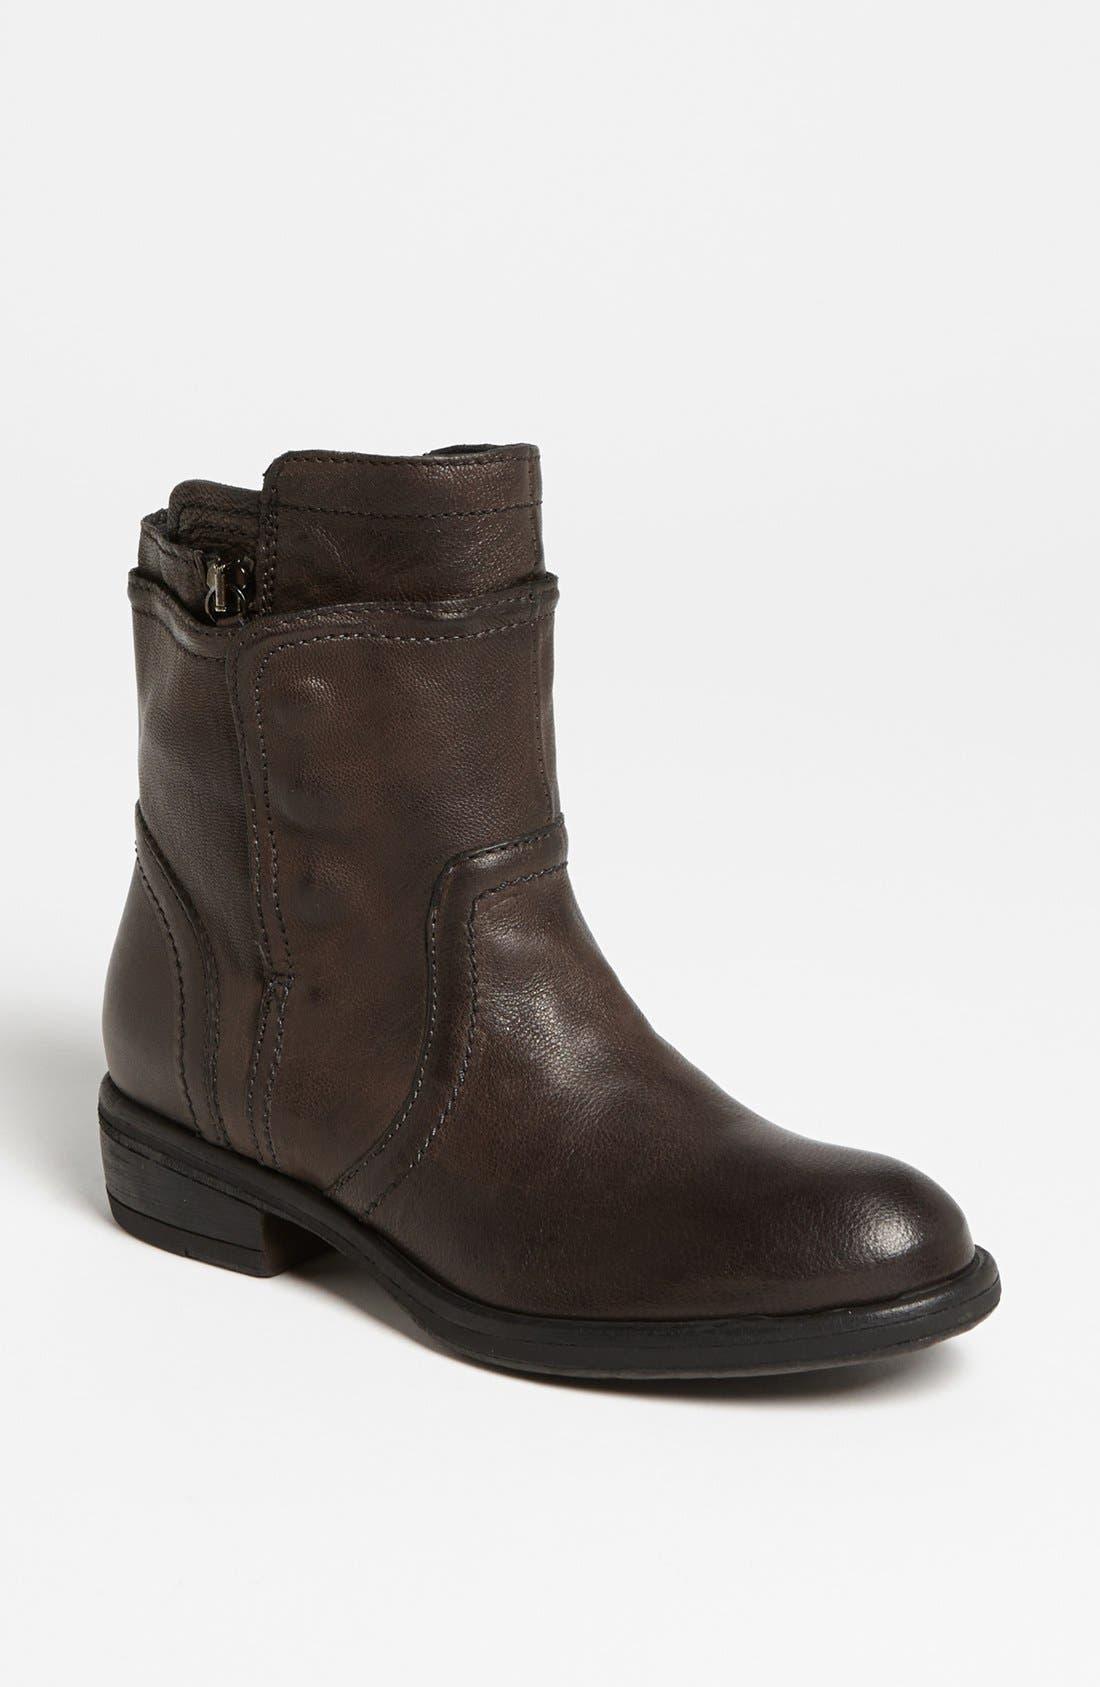 Alternate Image 1 Selected - Vera Wang Footwear 'Ozita' Boot